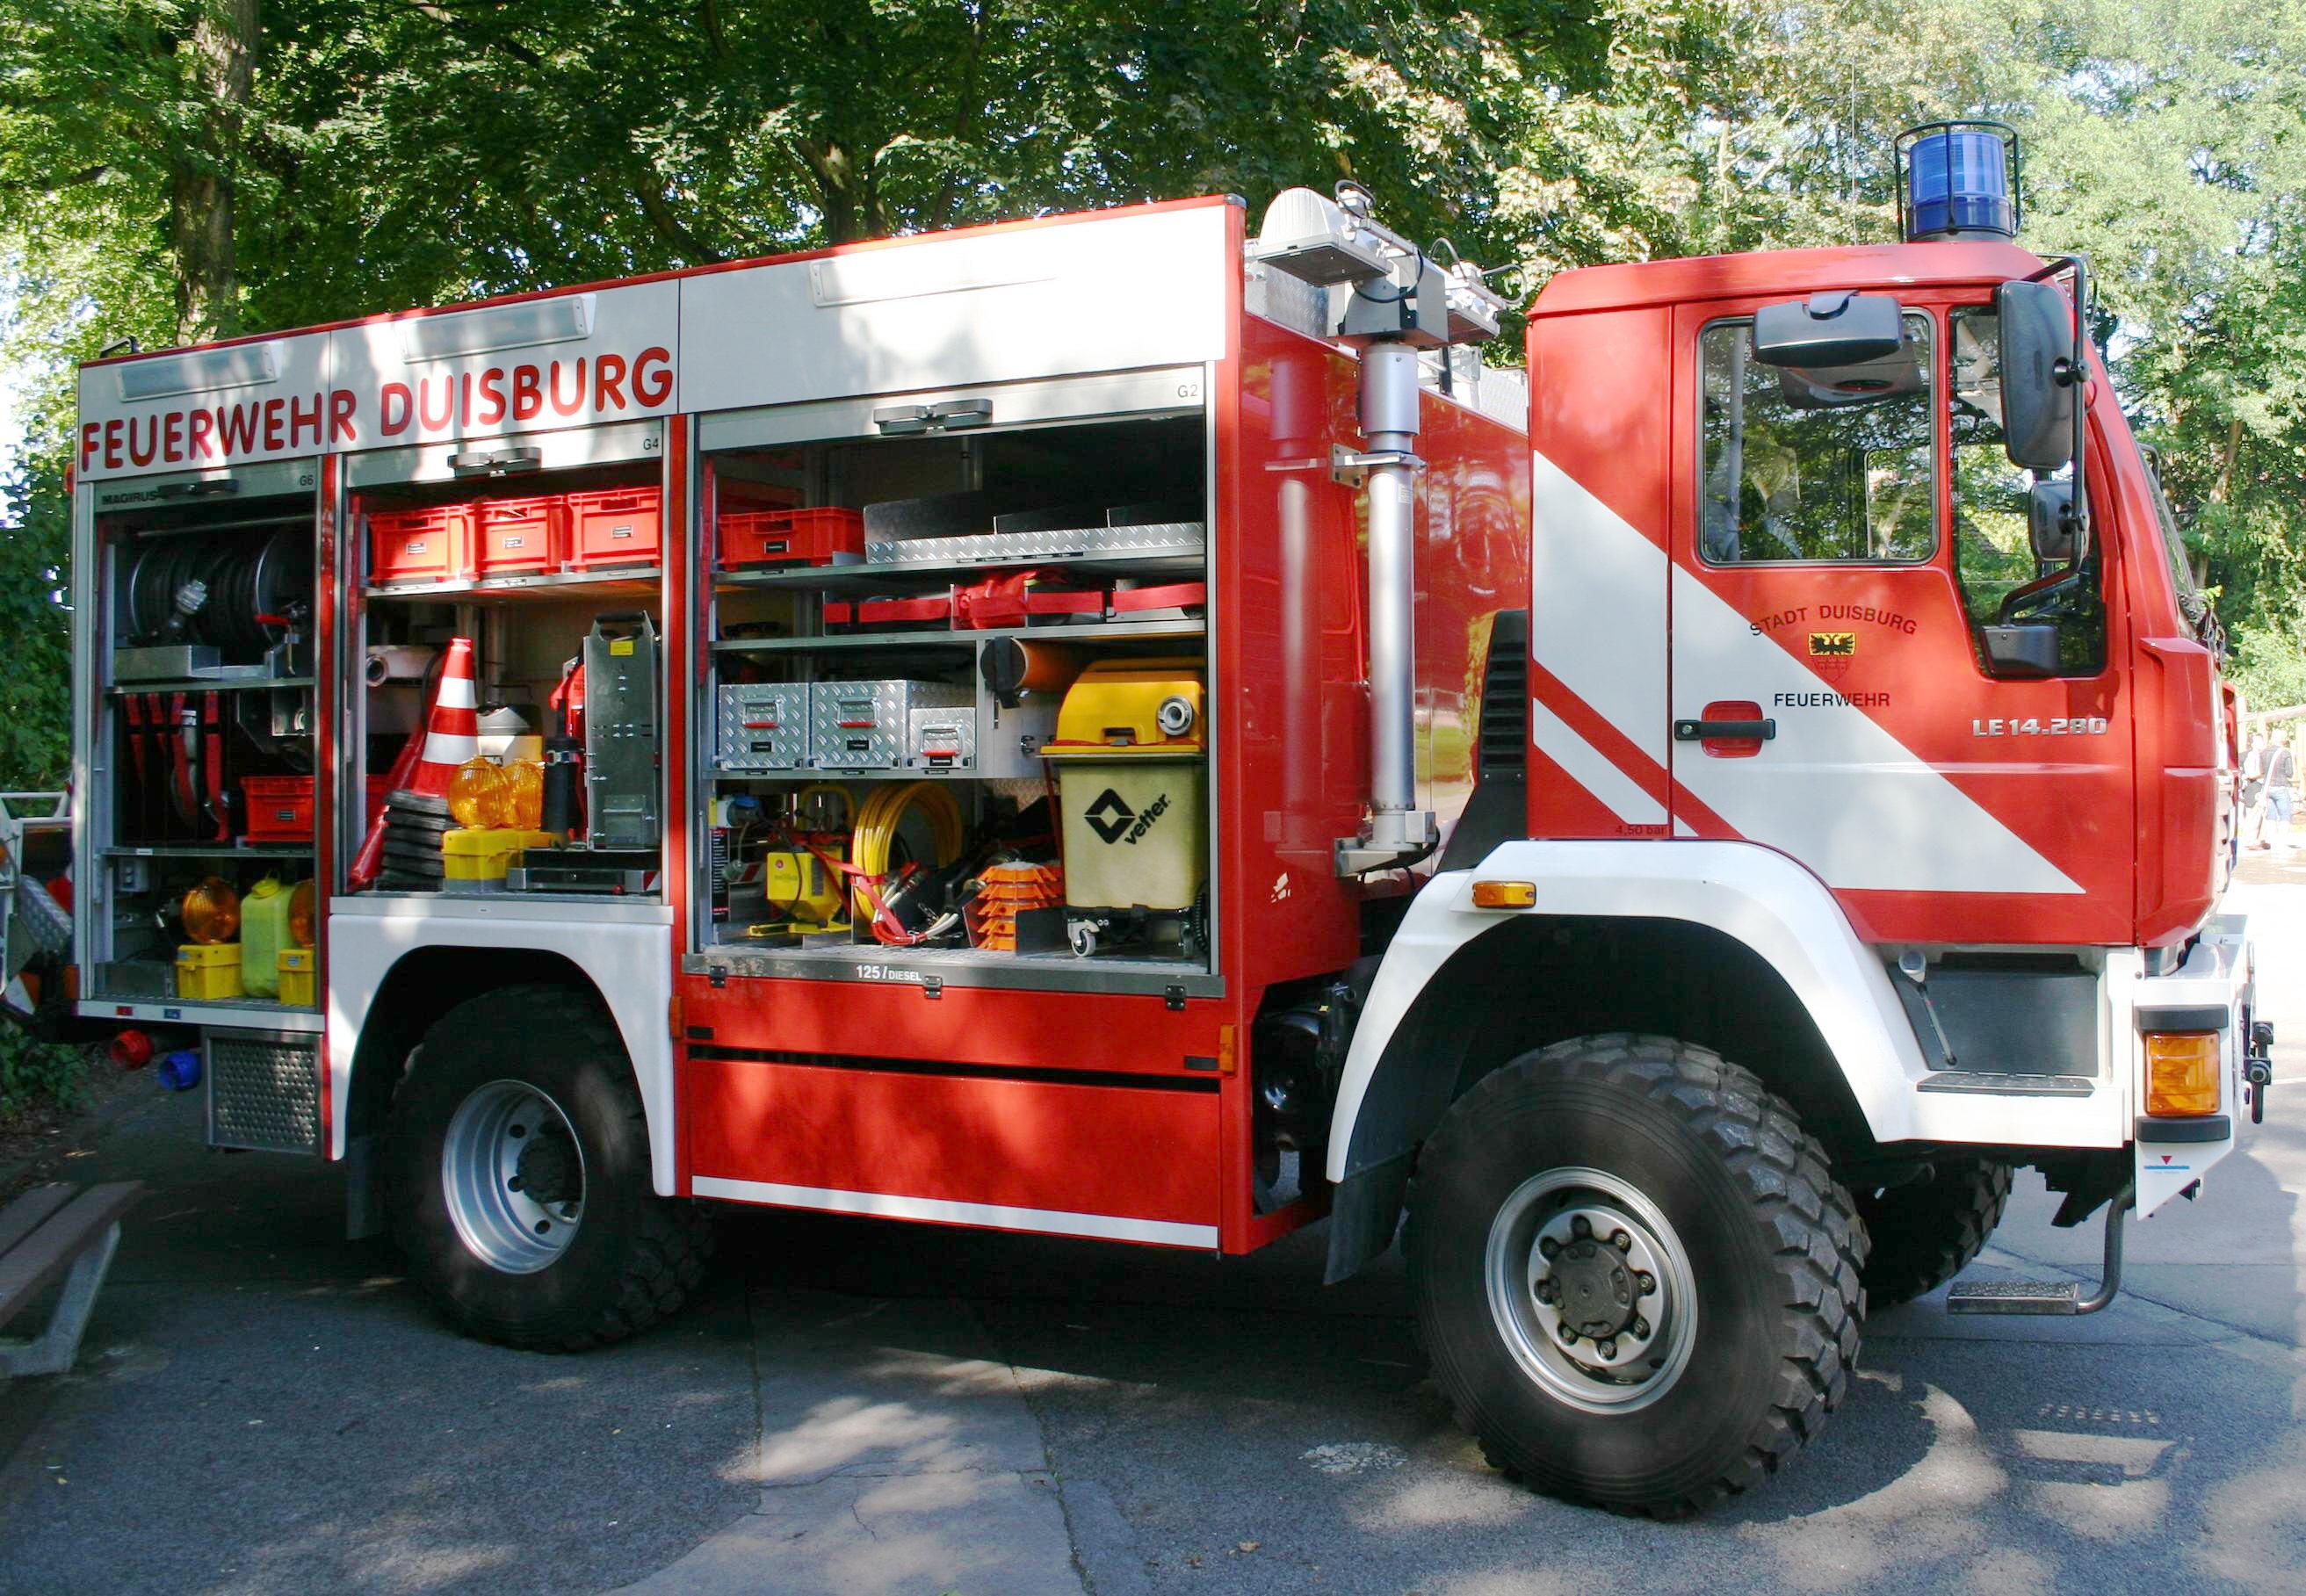 Feuerwehr Staffel